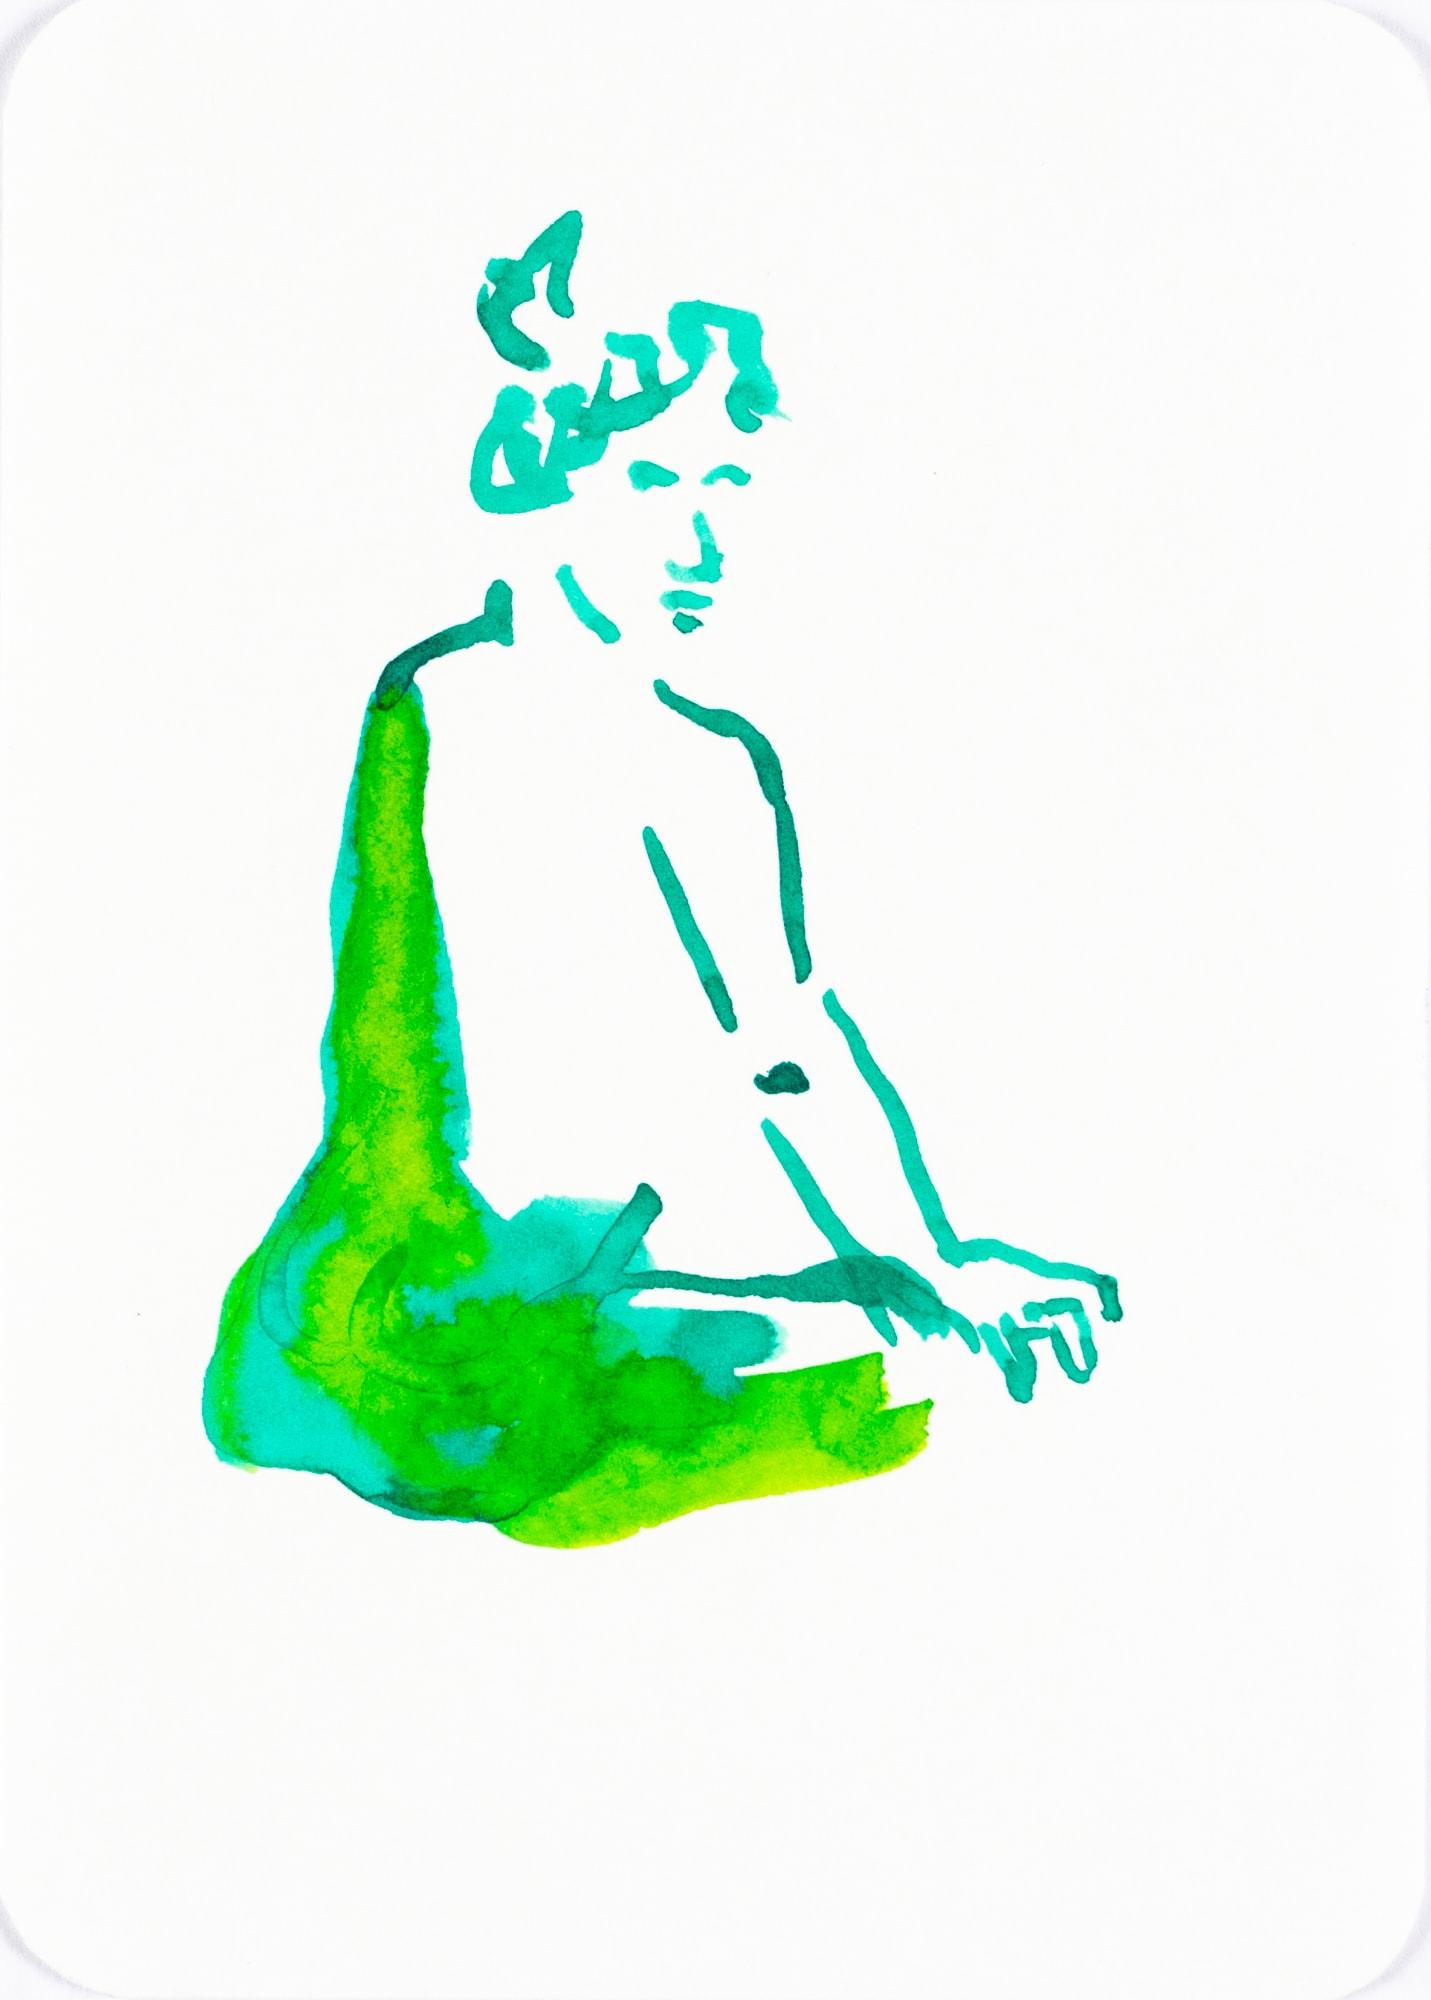 ZeichnungTusche auf Papier, 10,5x14,8cm, Akt, Künstlerin: Franziska King